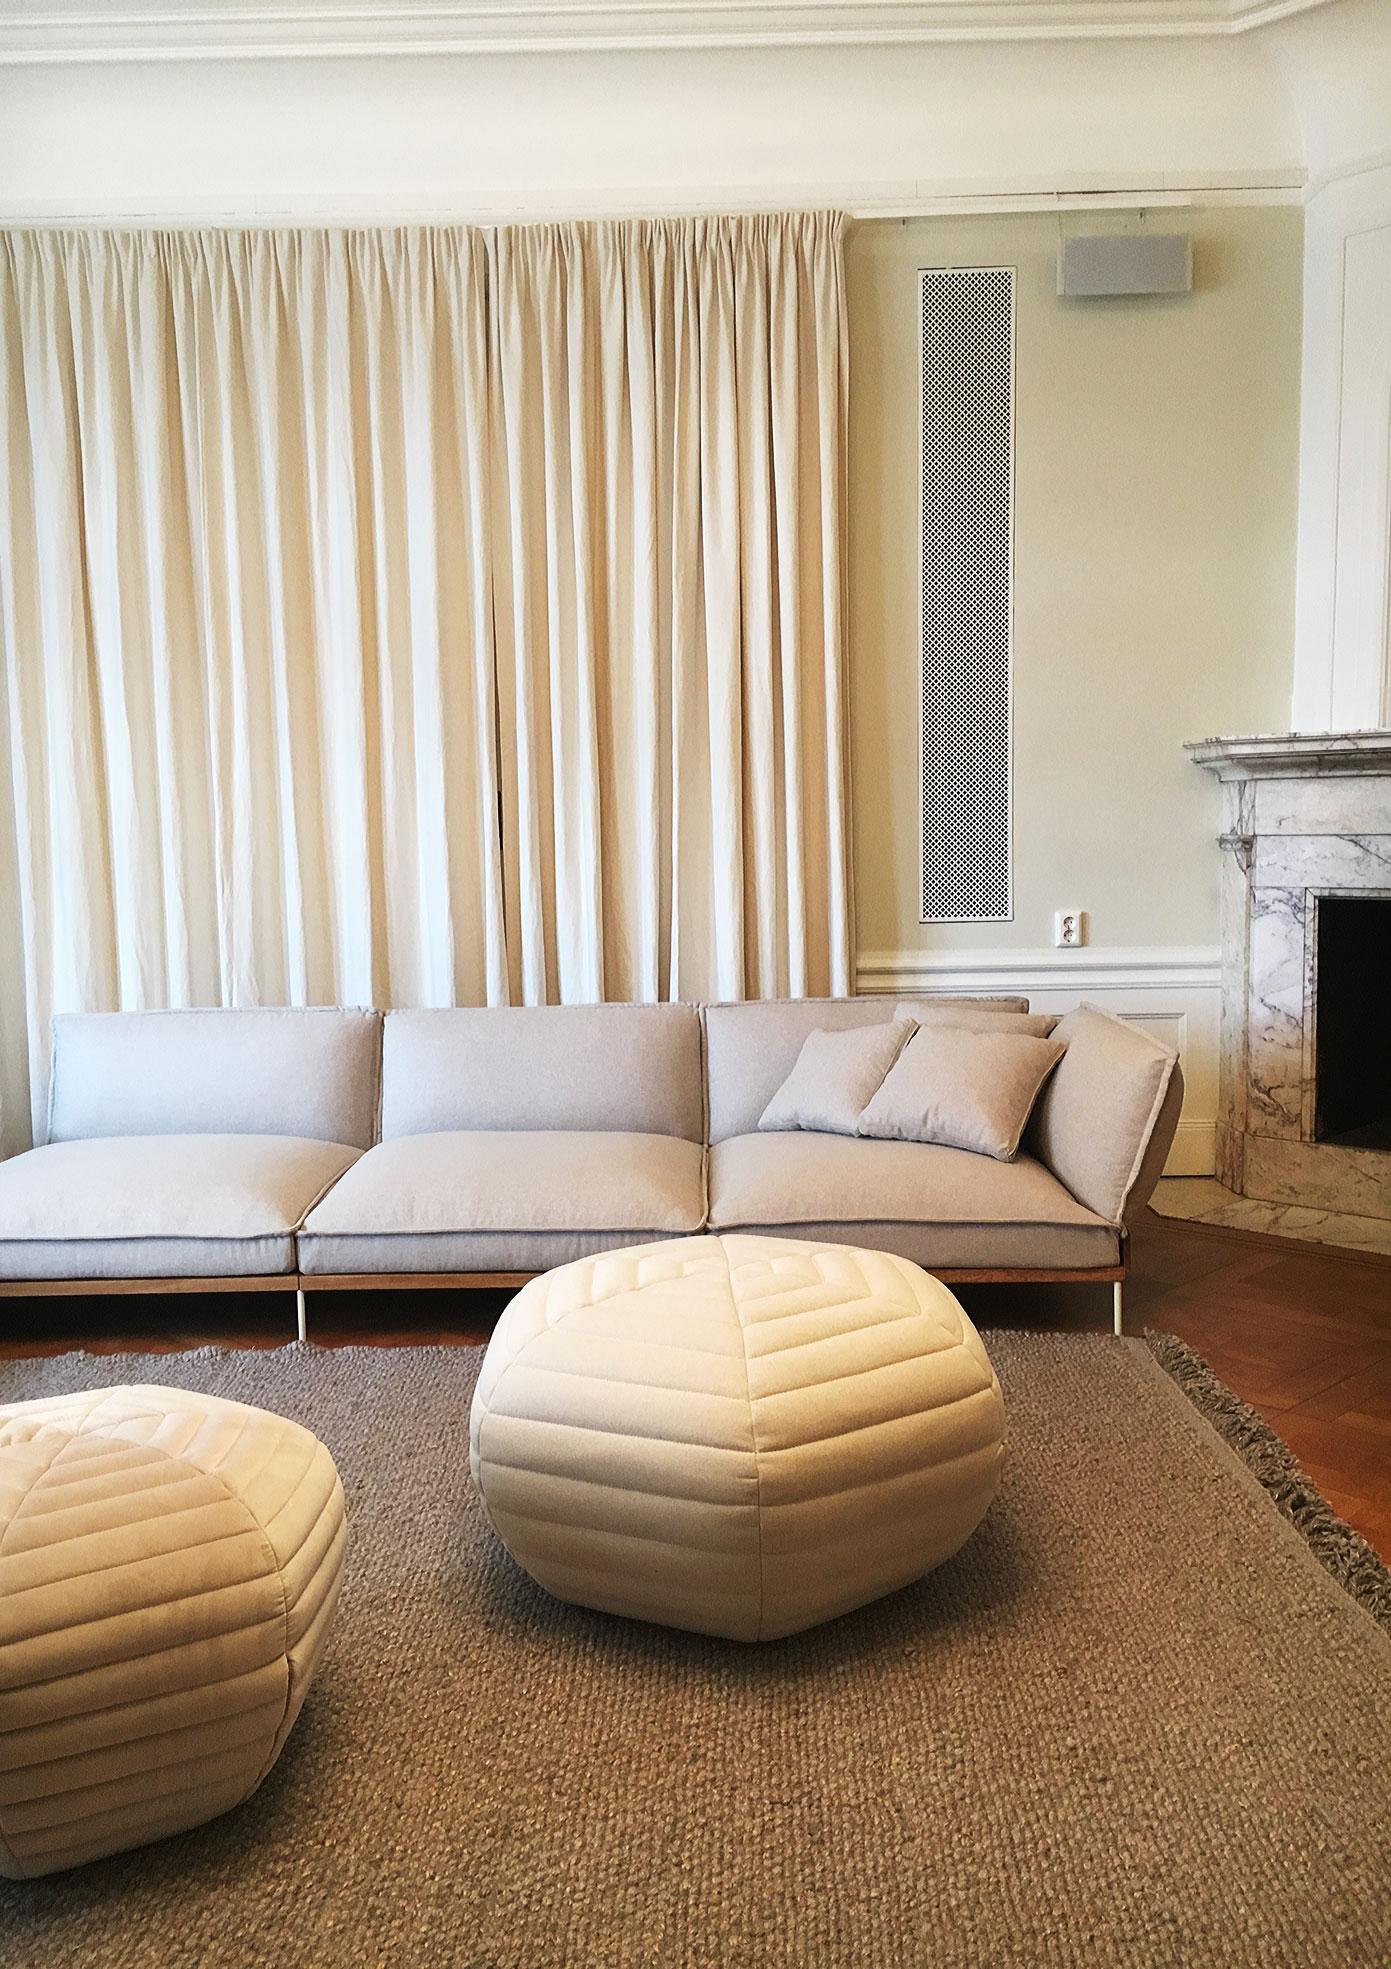 Luca Nichetto flexibla soffa Jord. Fäll ned ryggstöd och armstöd - forma den precis som du vill ha den!